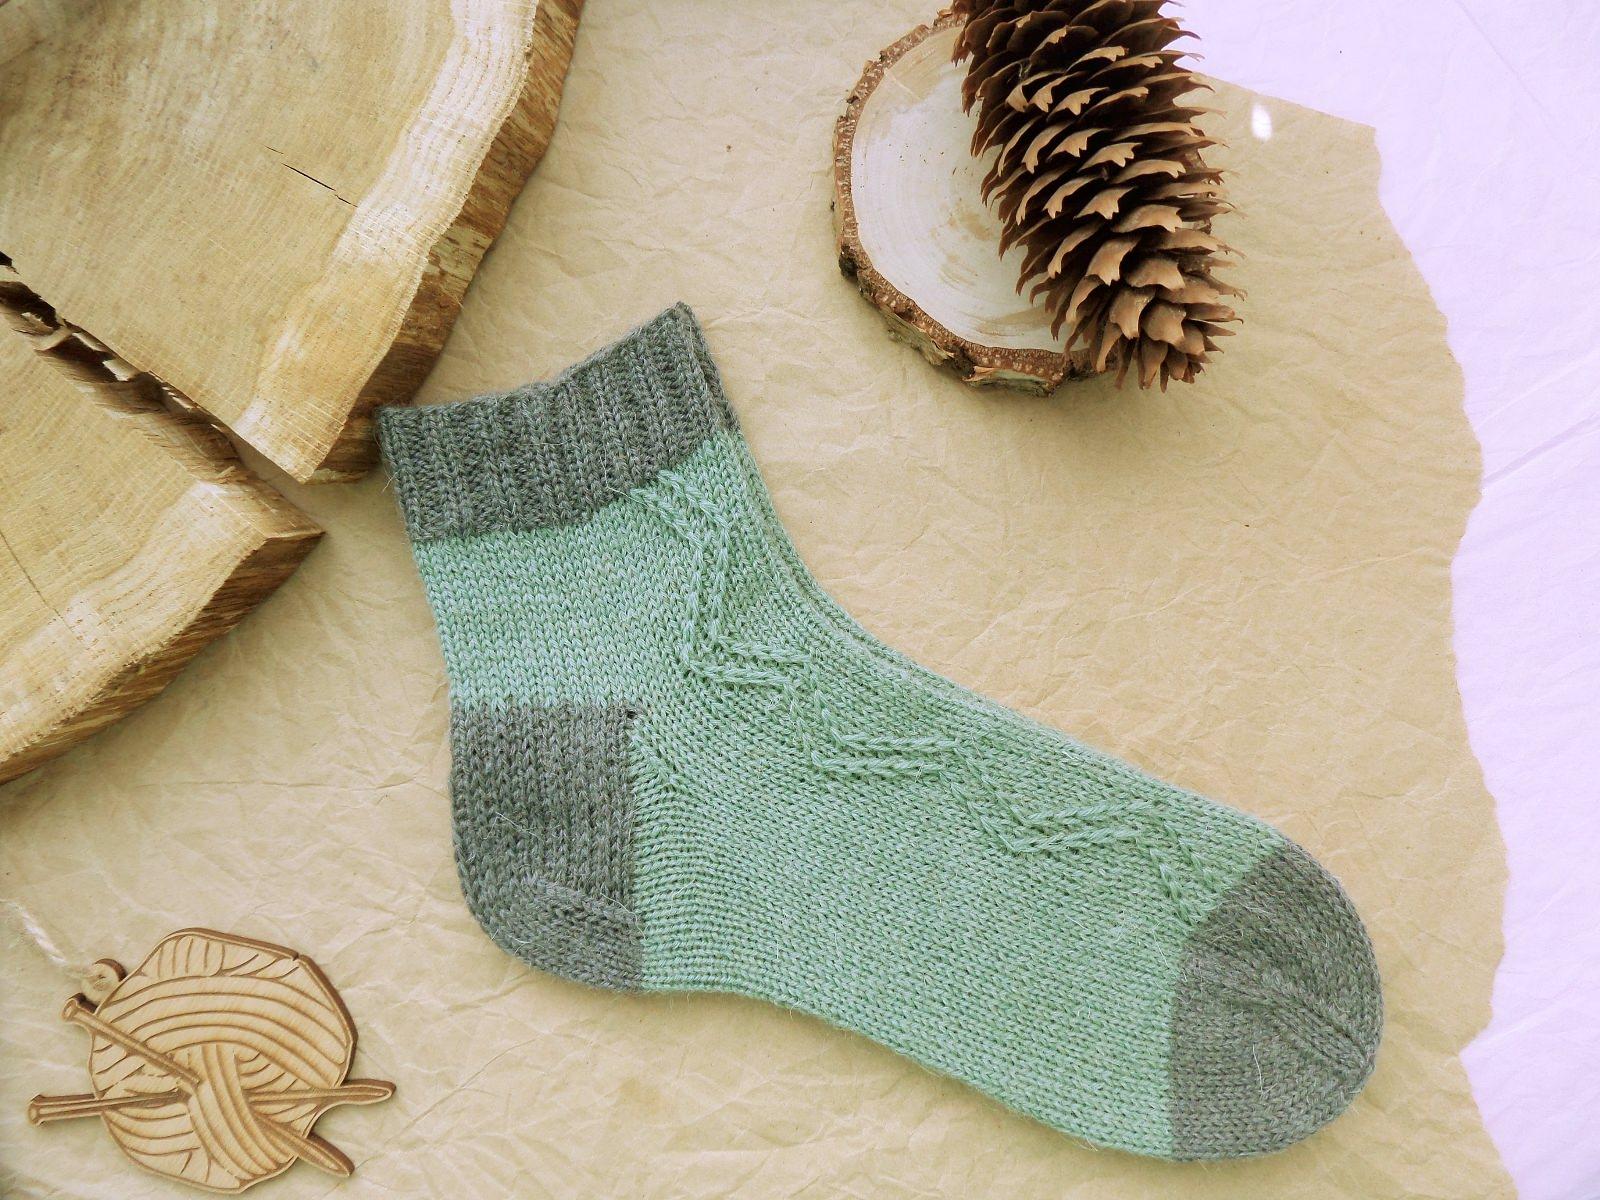 Hand knitting socks S-05 - nosochki 59